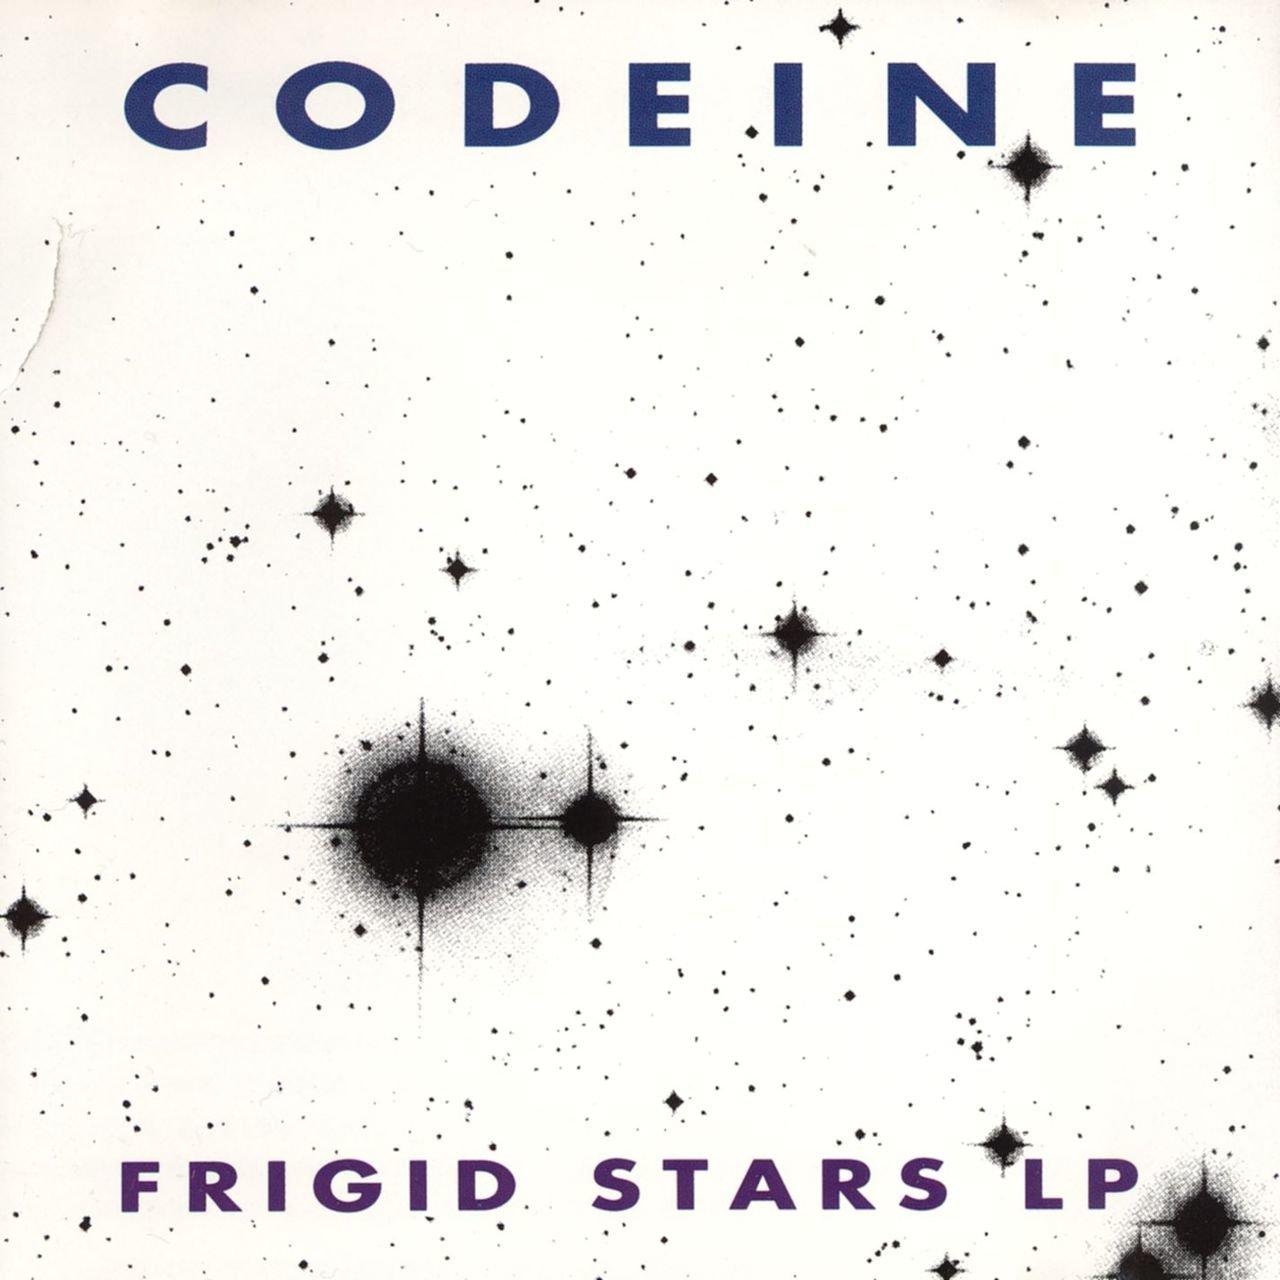 """Risultato immagini per codeine frigid stars"""""""